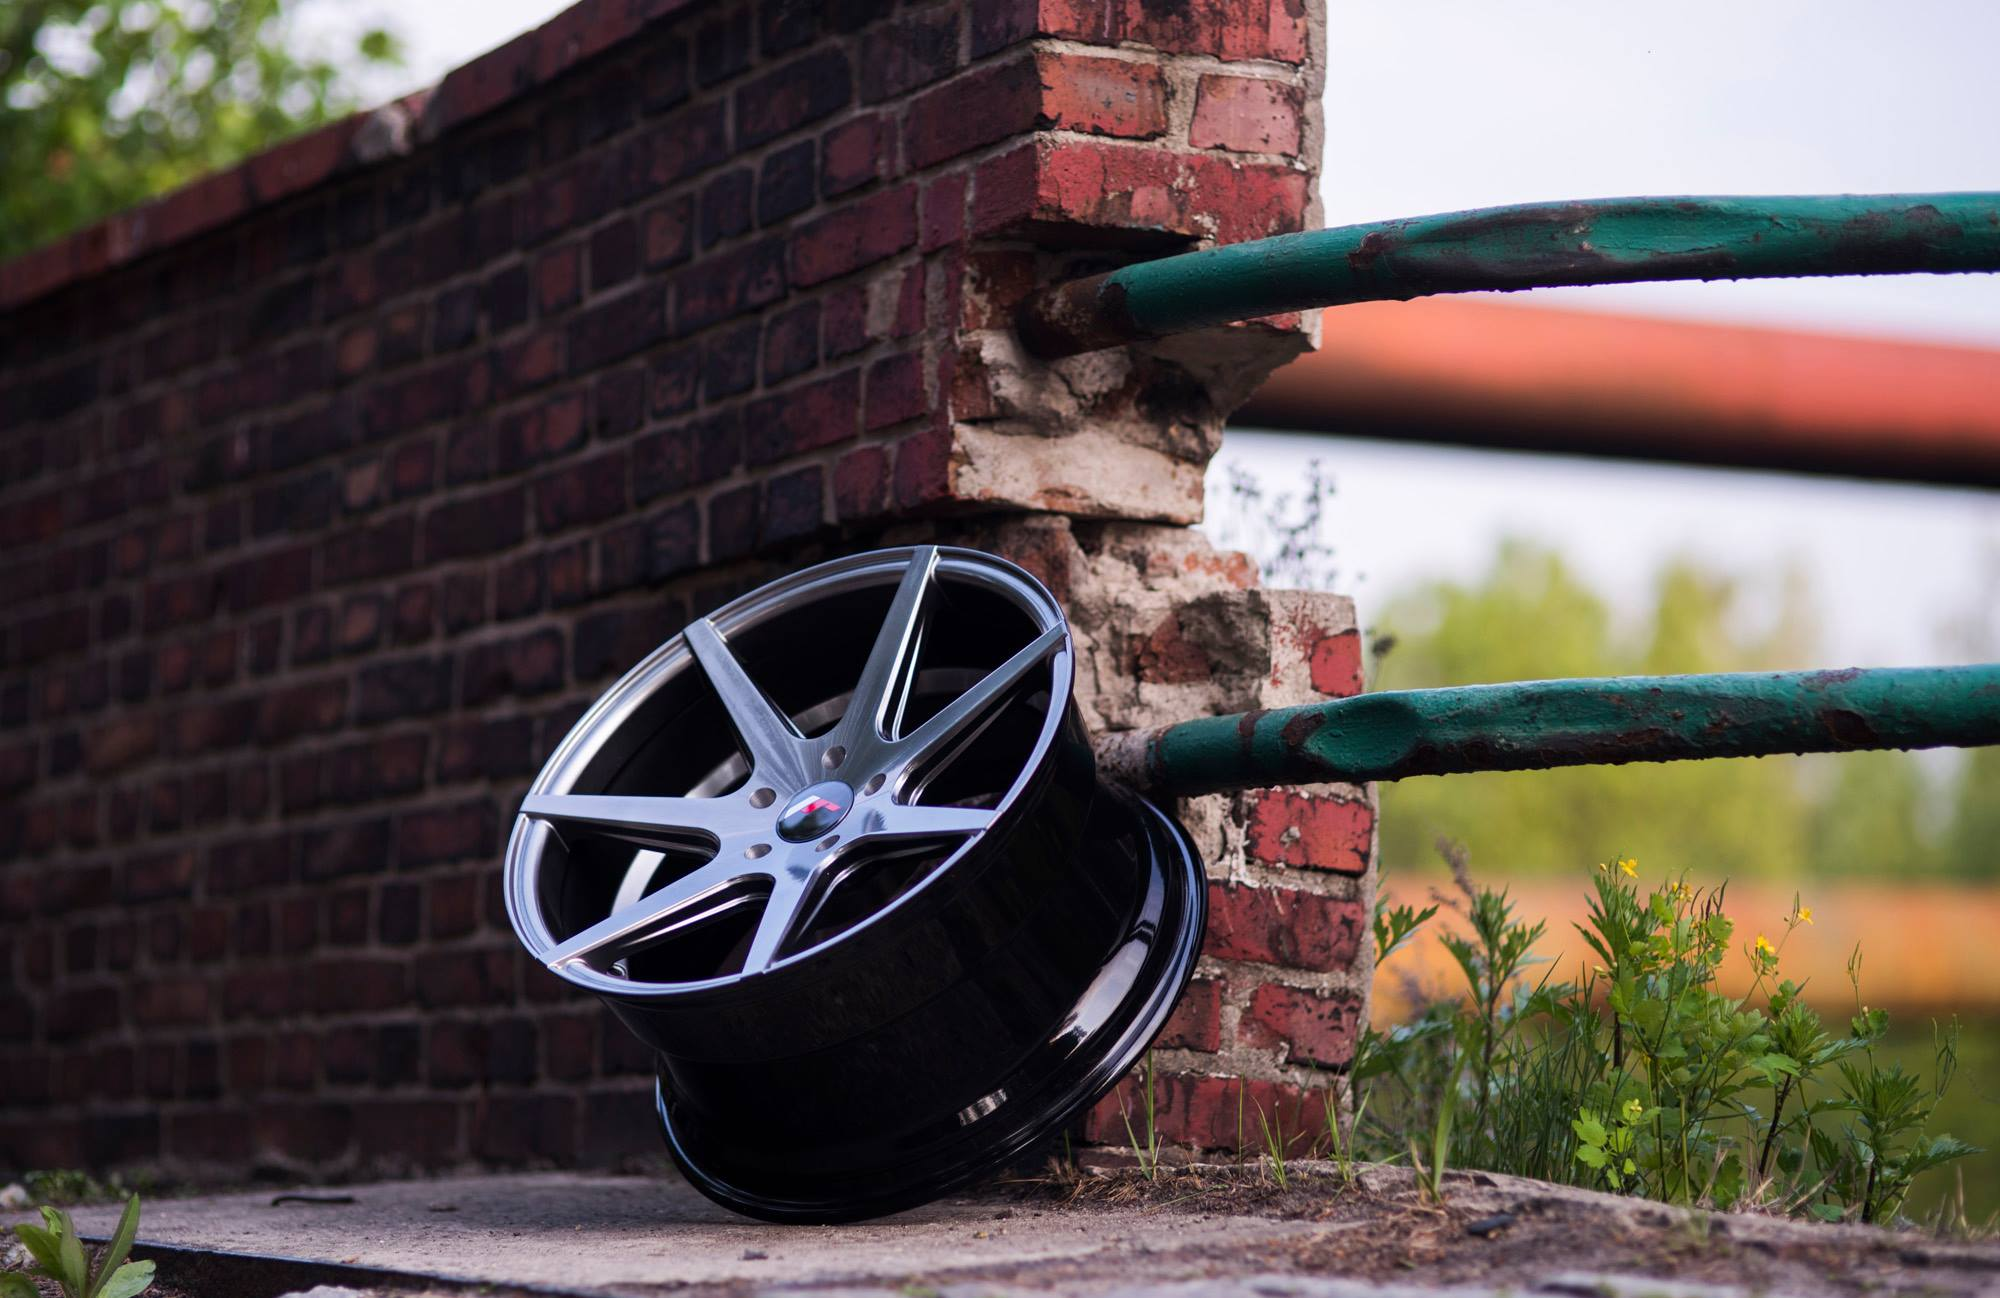 jr wheels jr 20 20 jdmdistro buy jdm parts online. Black Bedroom Furniture Sets. Home Design Ideas